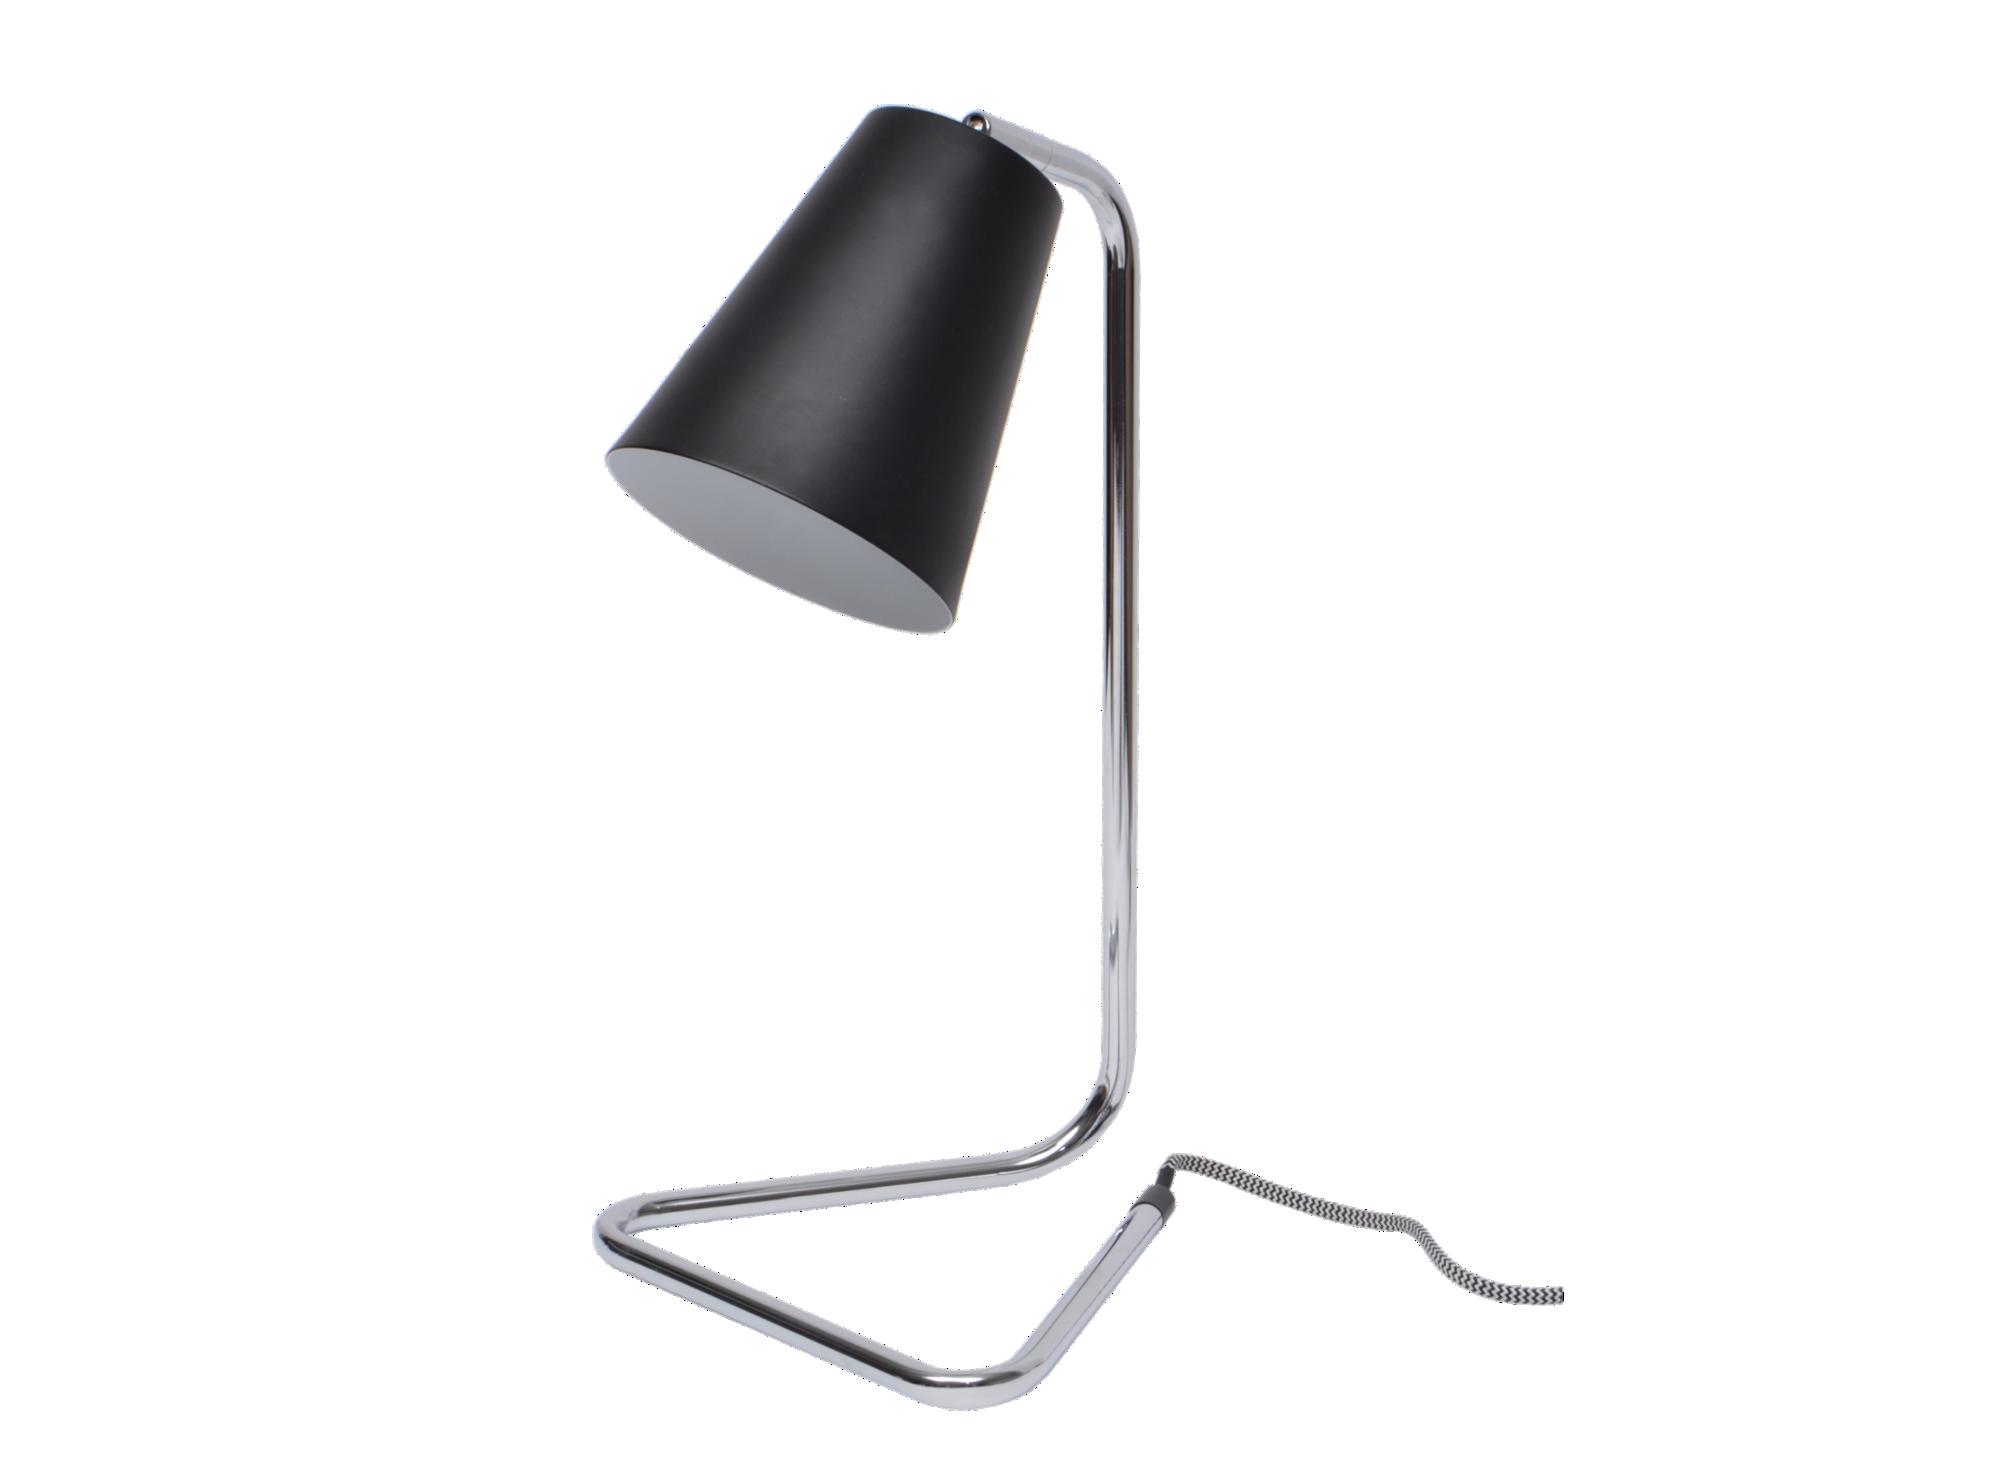 Lampe a poser h41cm socle et bras en metal finition chrome. abat jour ...